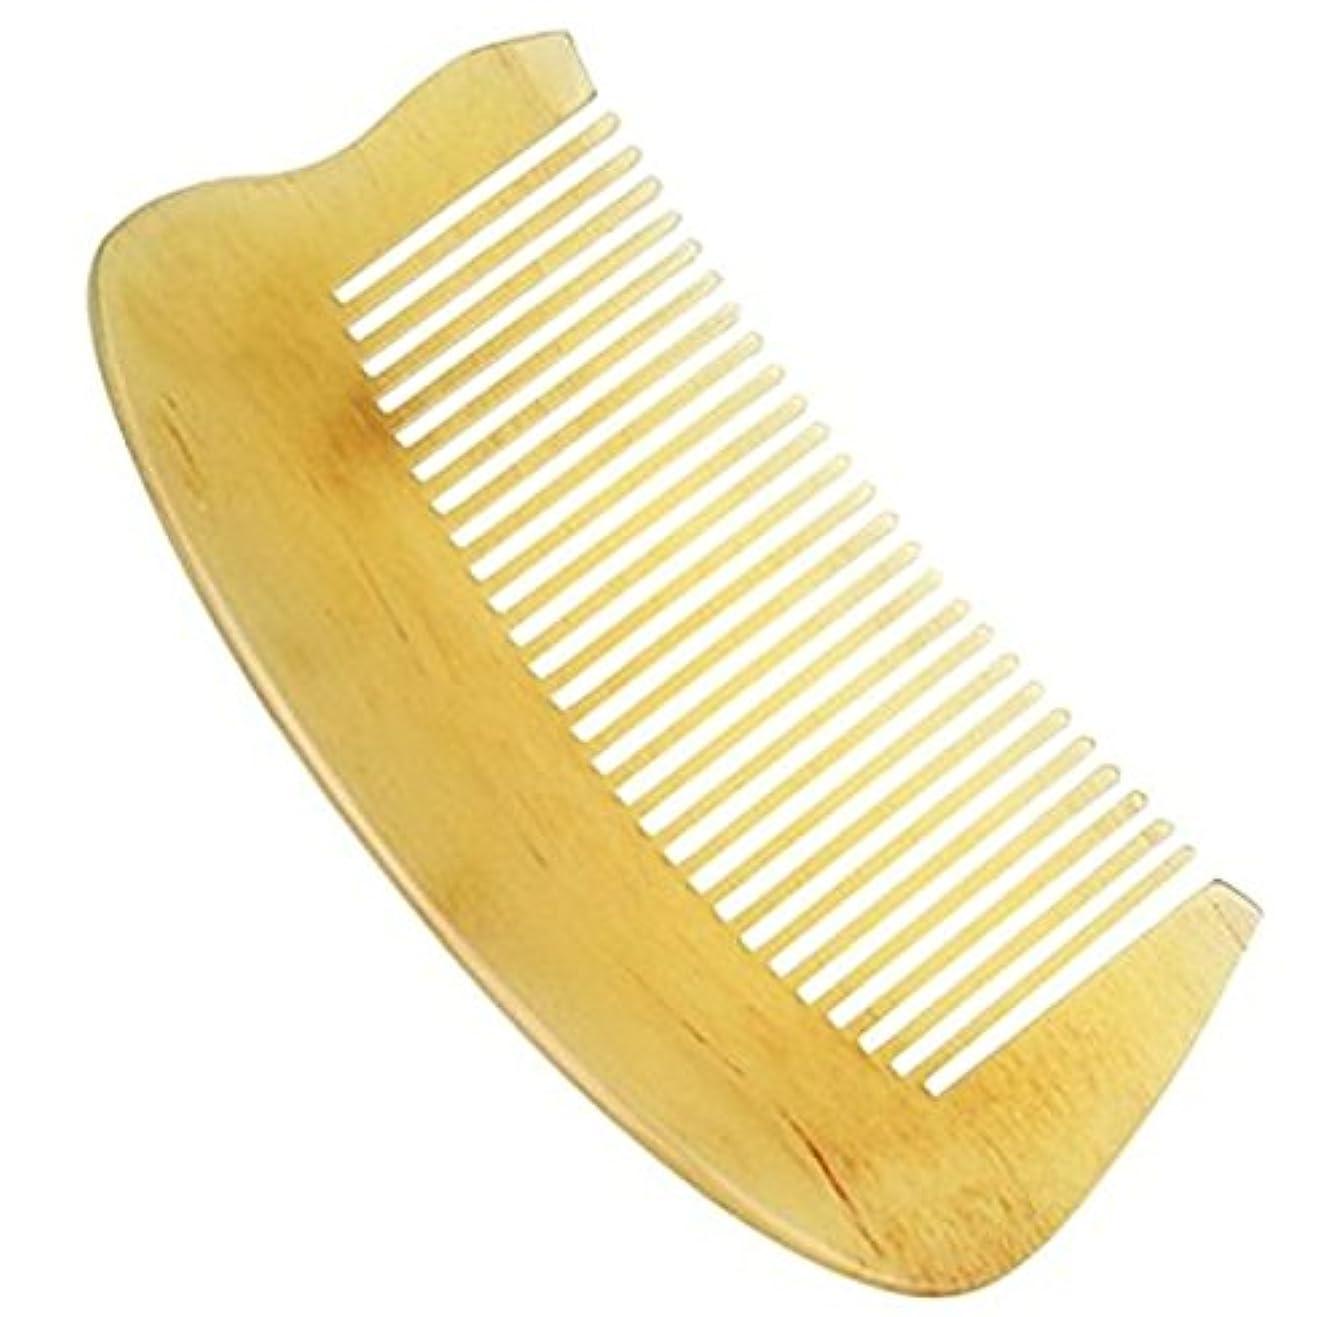 お客様普及ながら櫛型 プロも使う羊角かっさプレート マサージ用 血行改善 高級 天然 静電気 防止 美髪